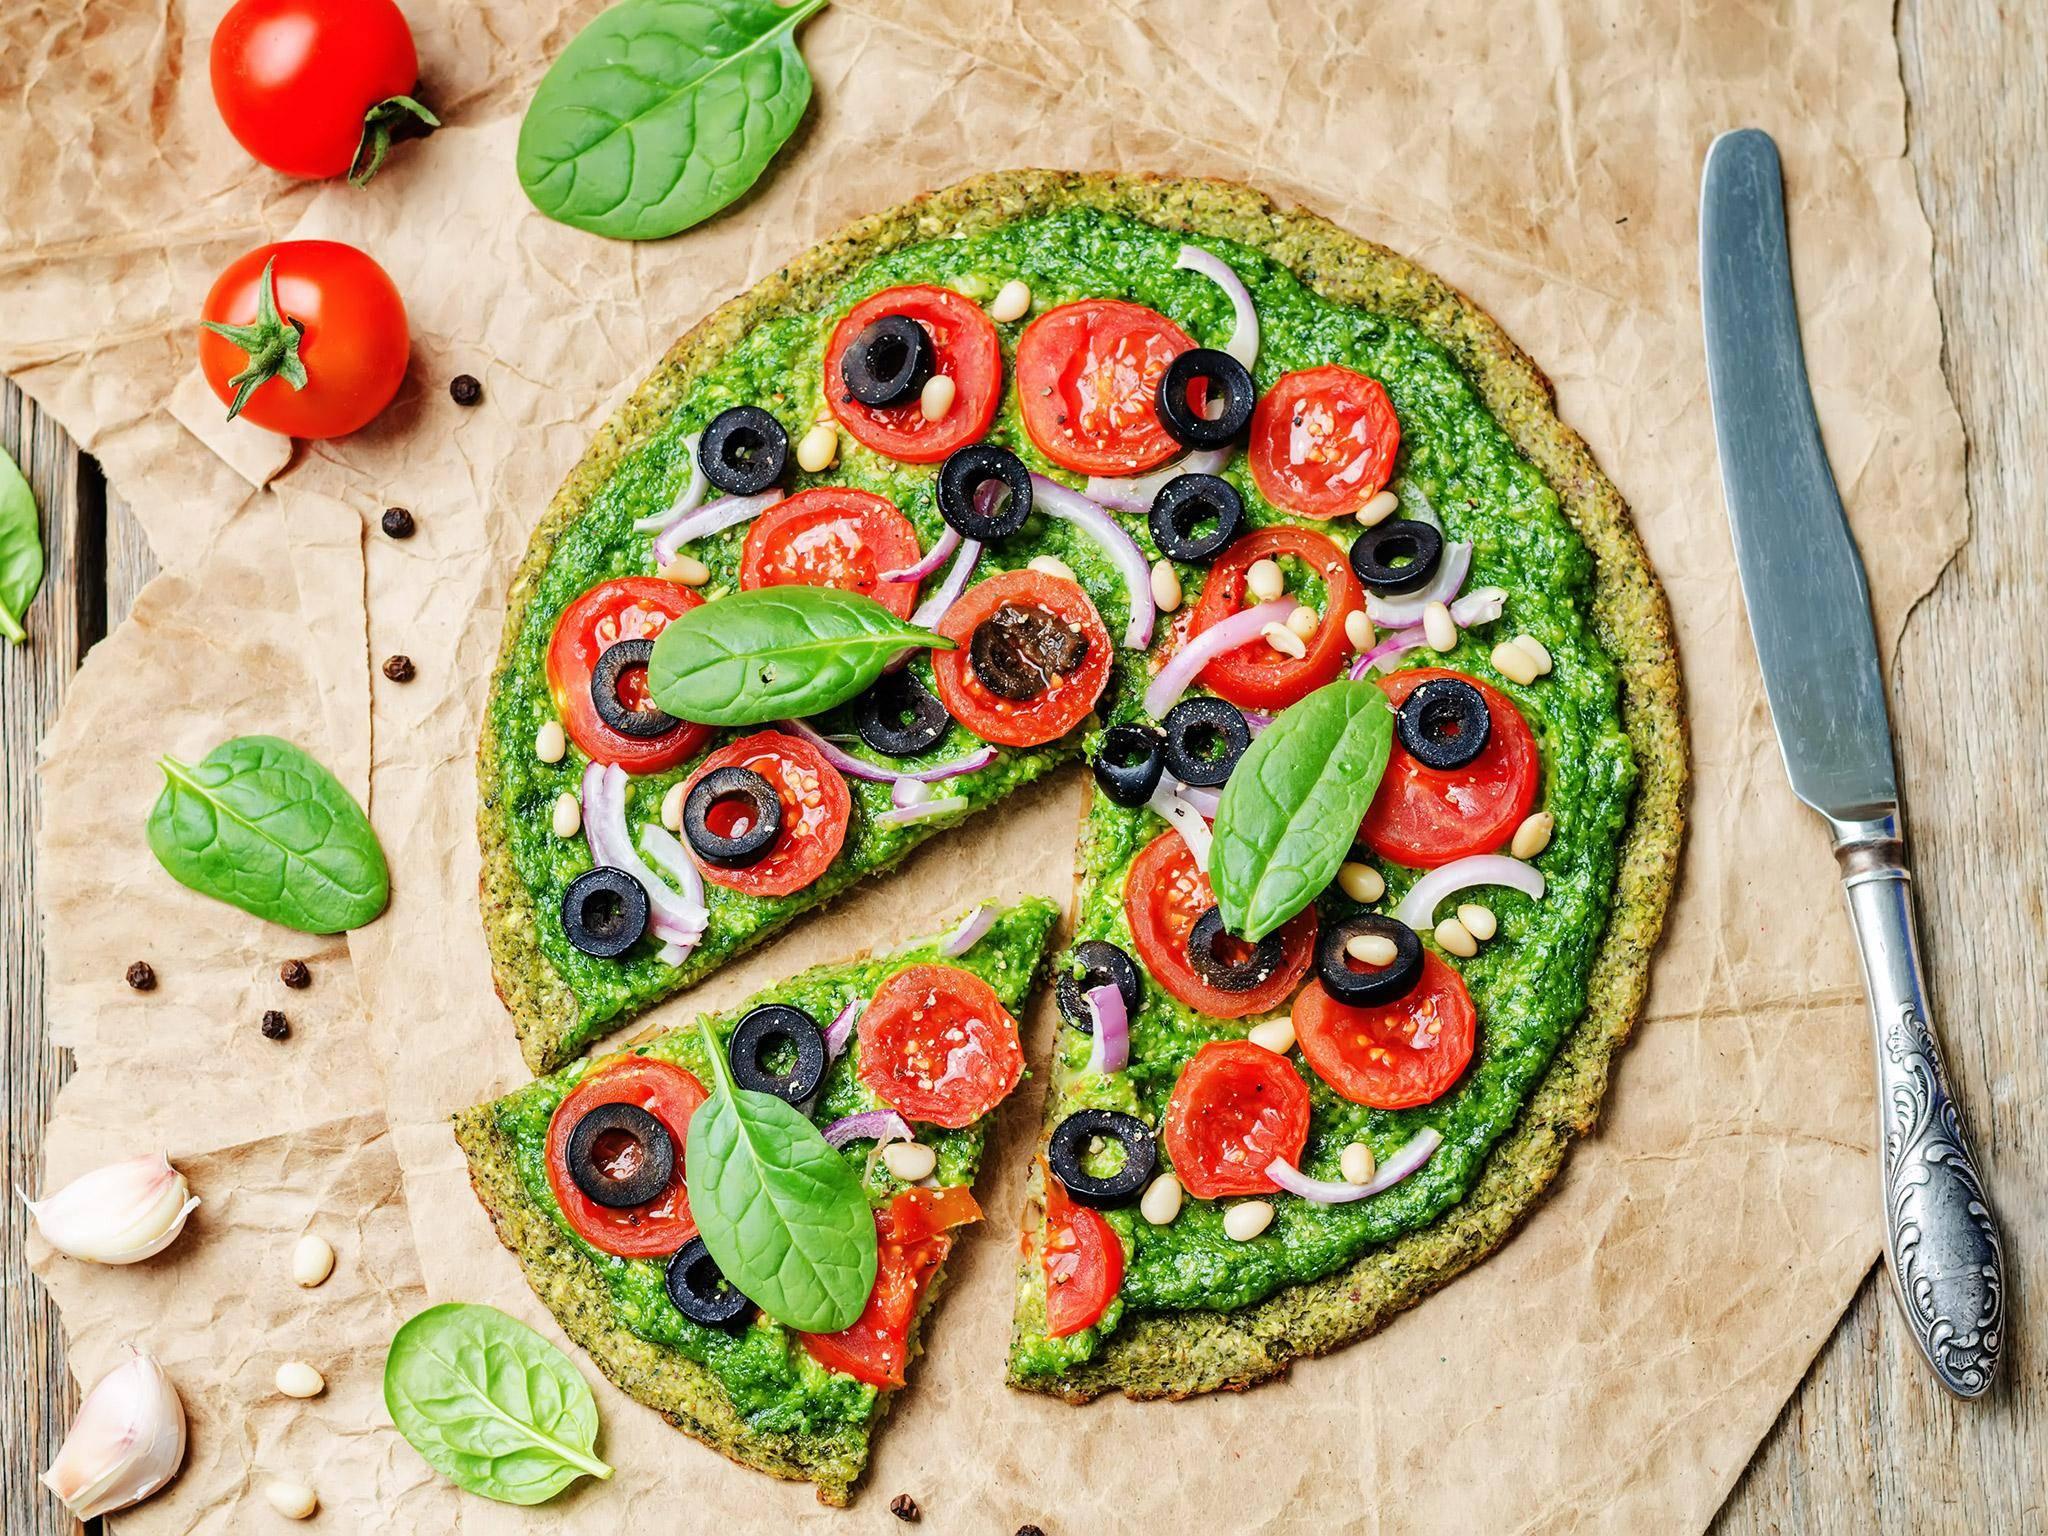 Veg pizza.jpg